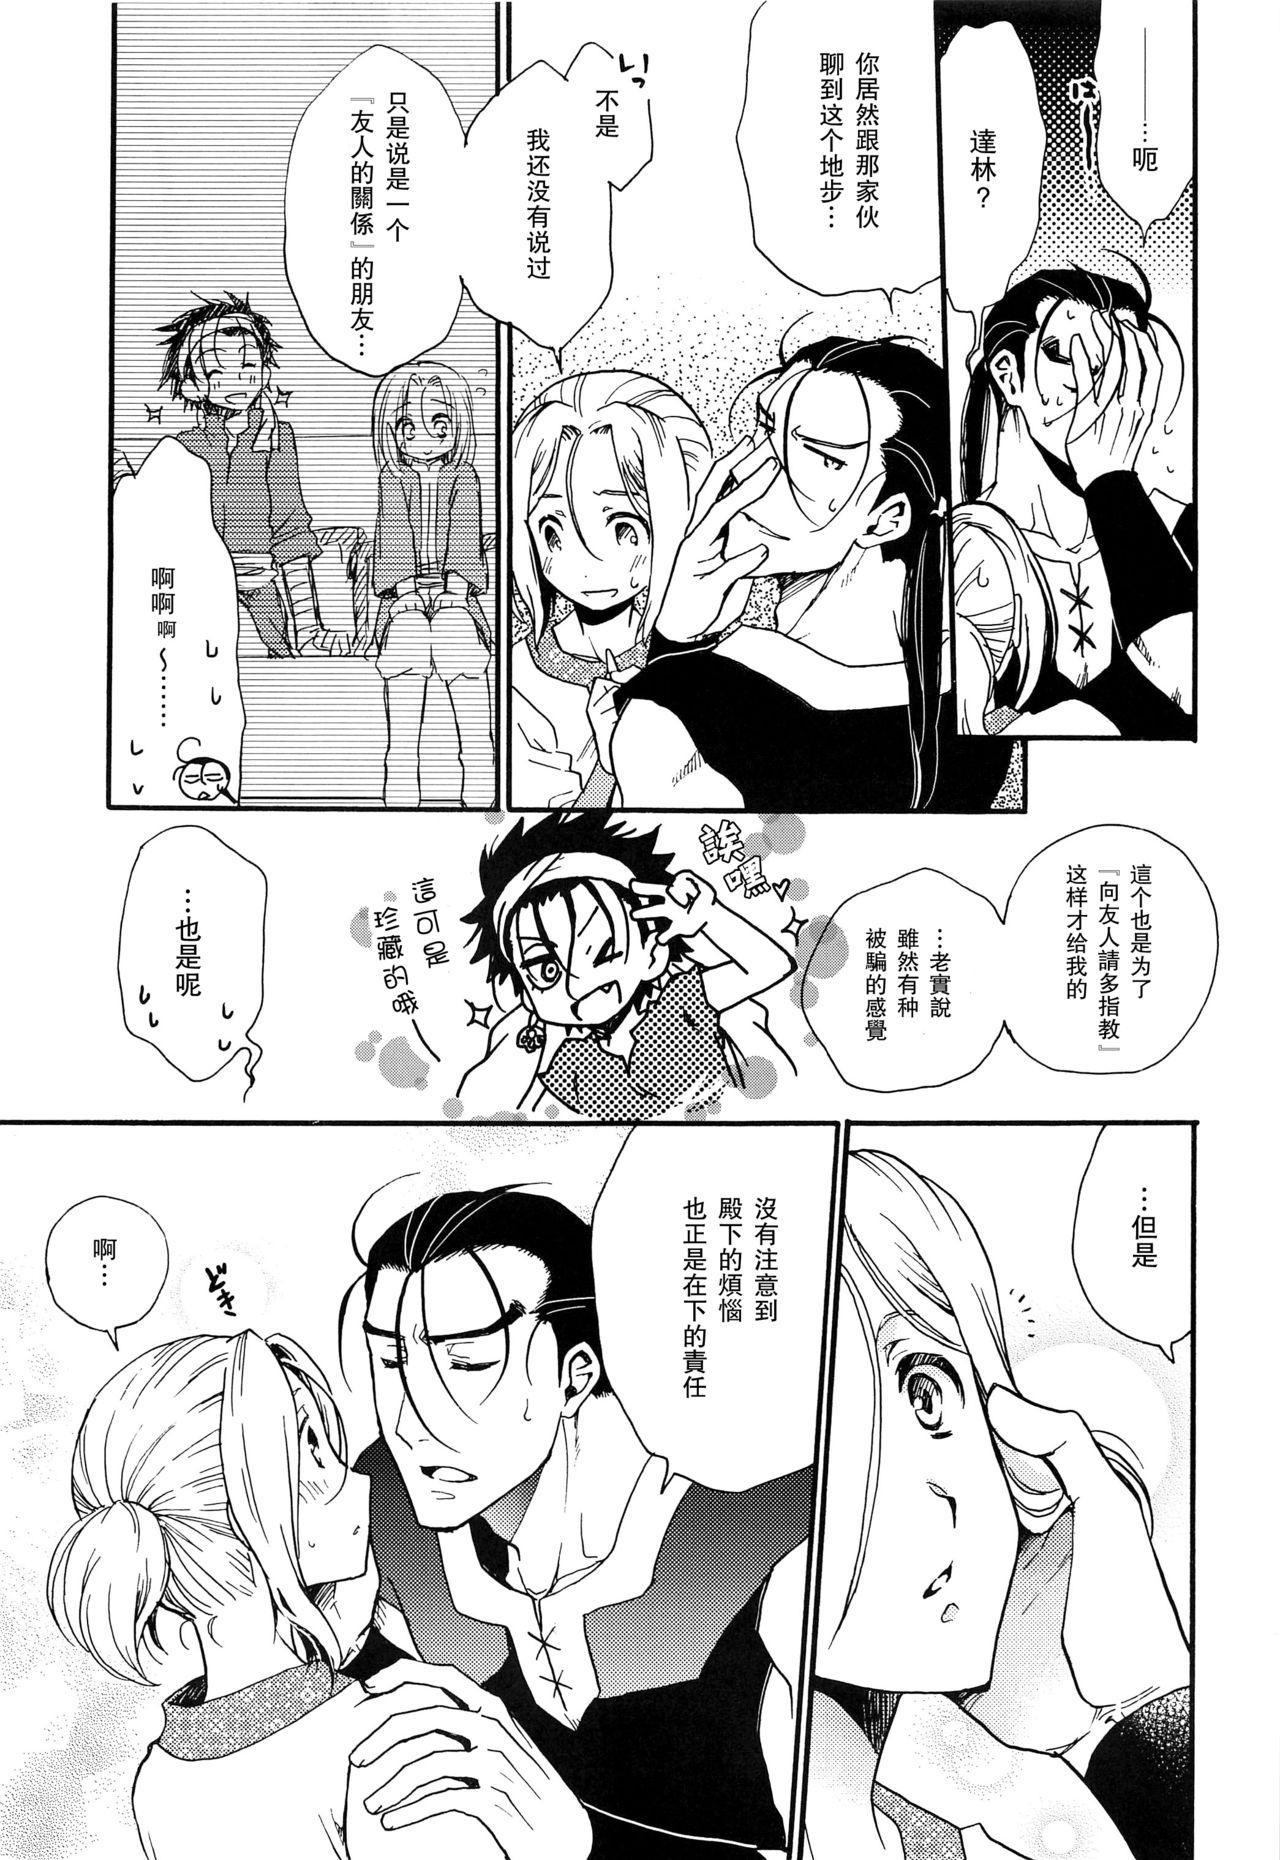 Umi to Biyaku 3